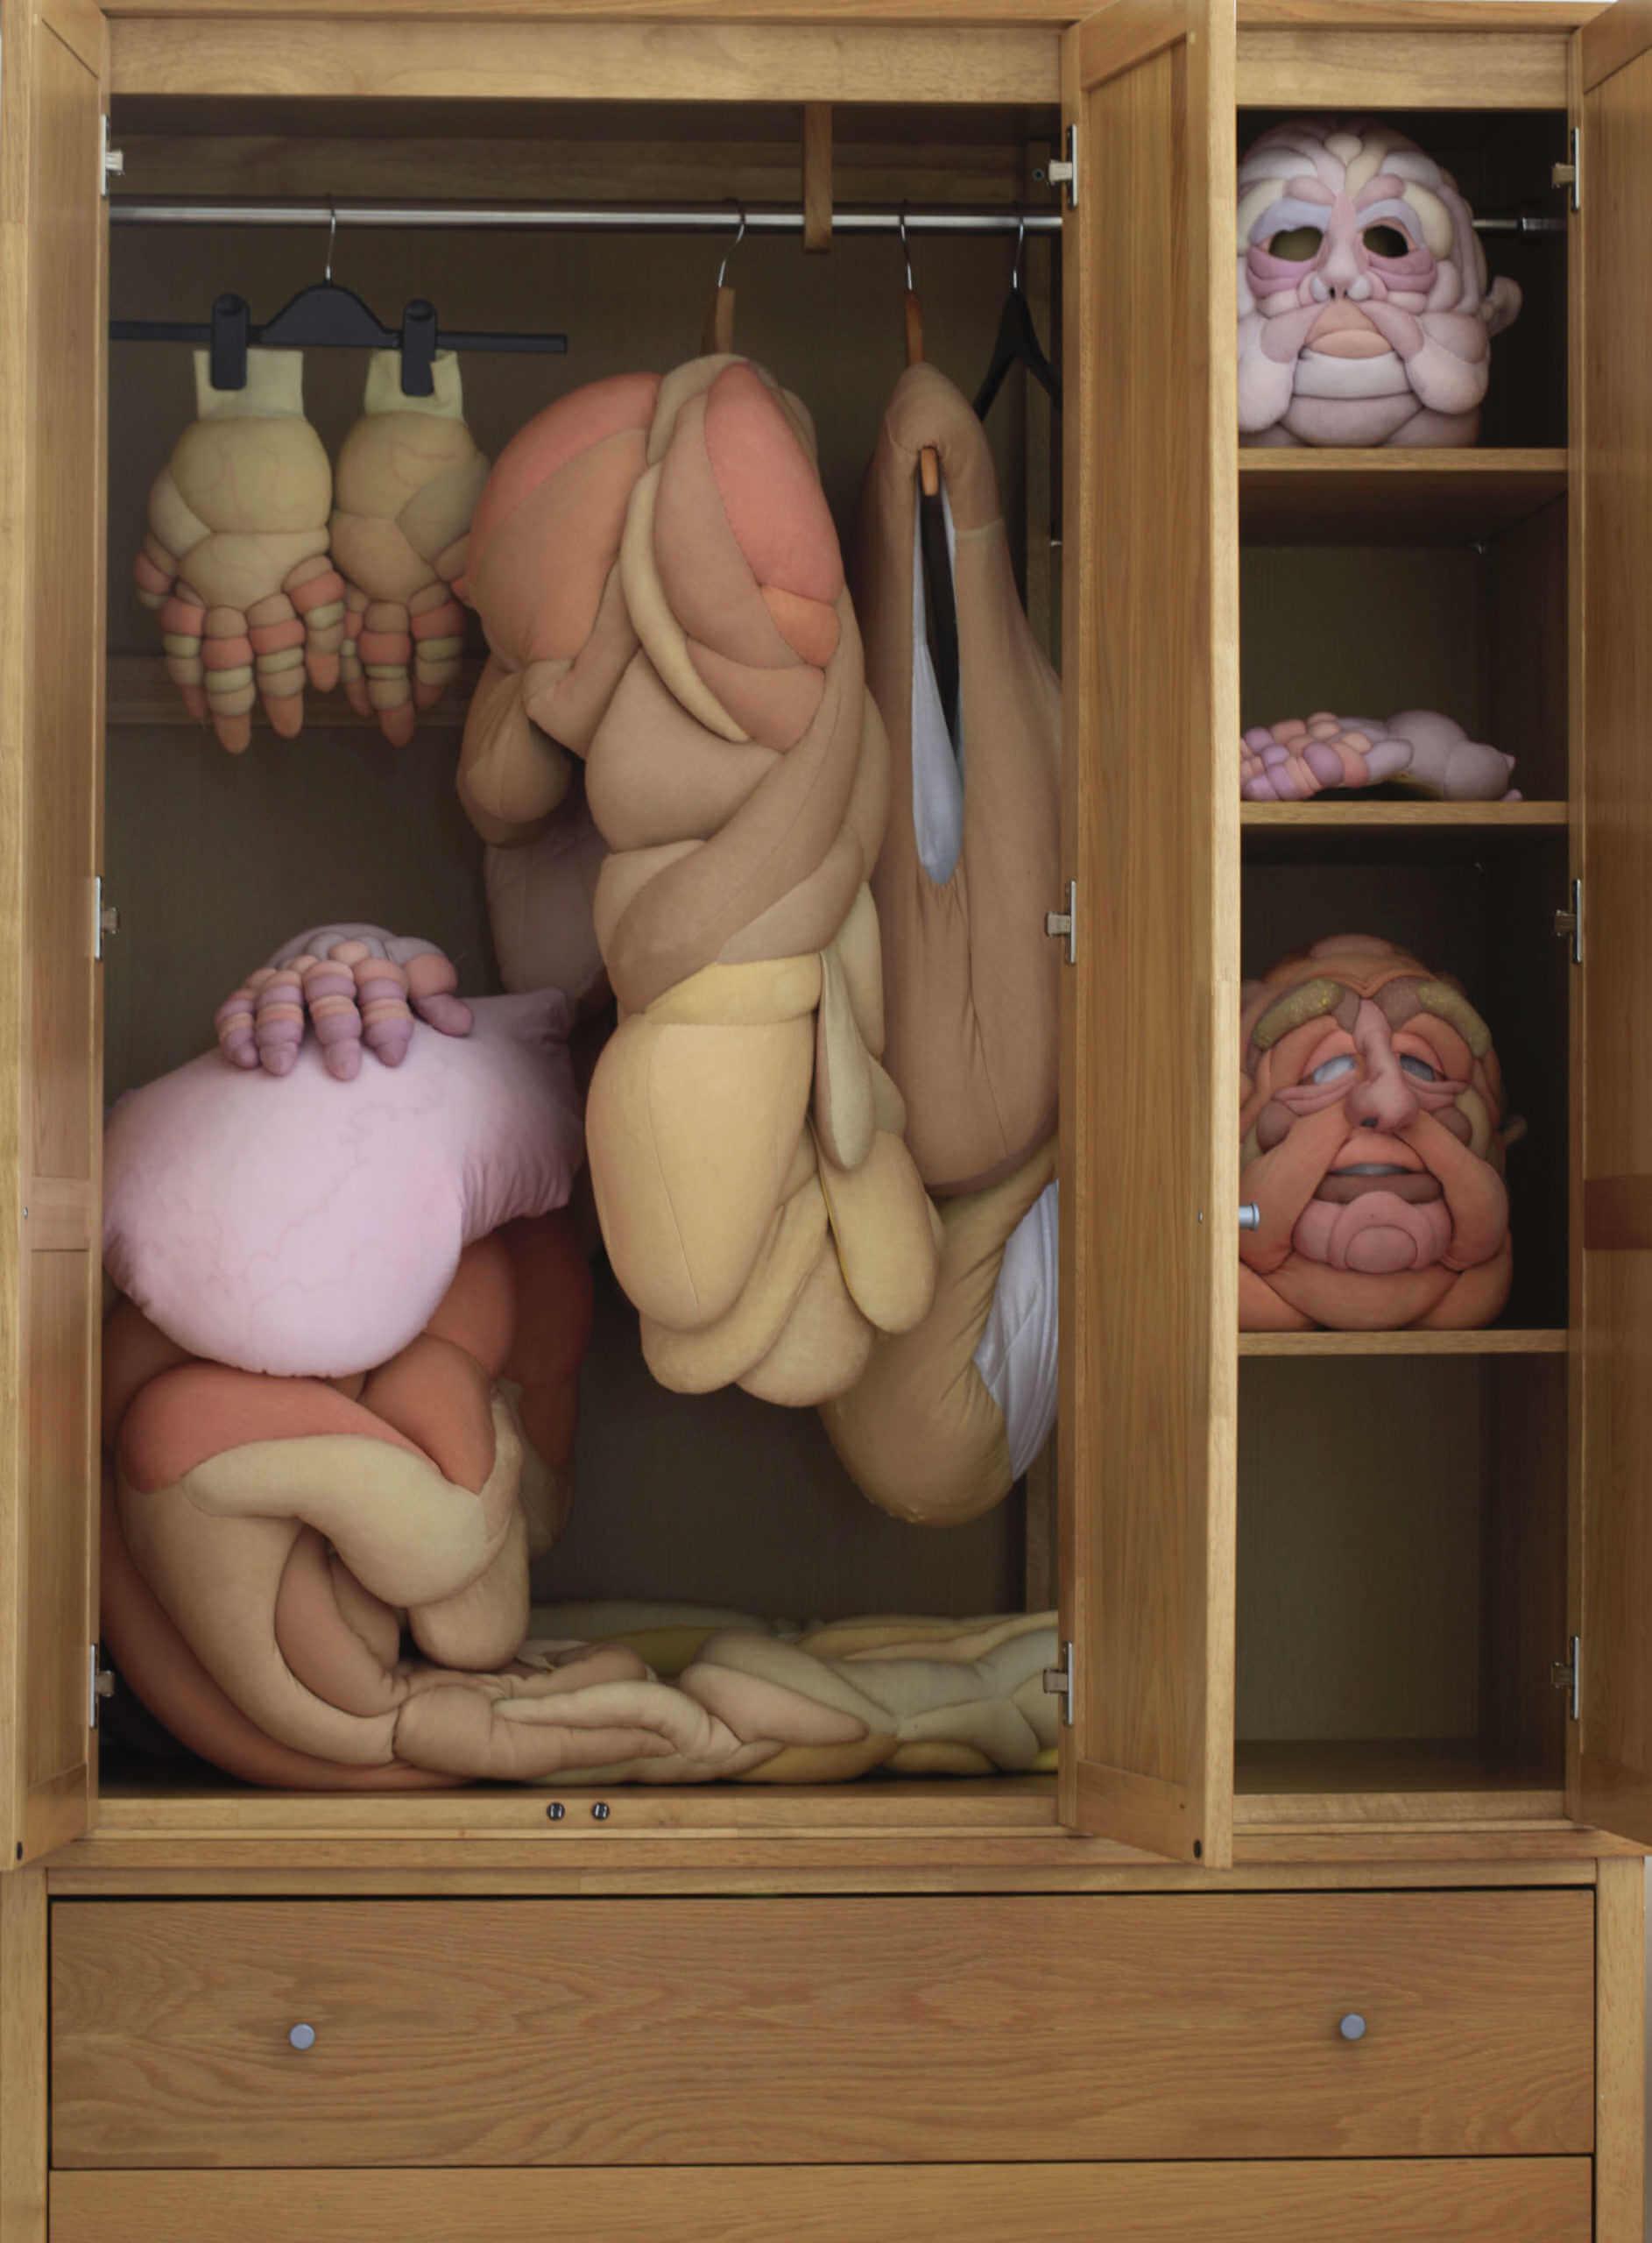 traje de goma espuma guardado en un armario